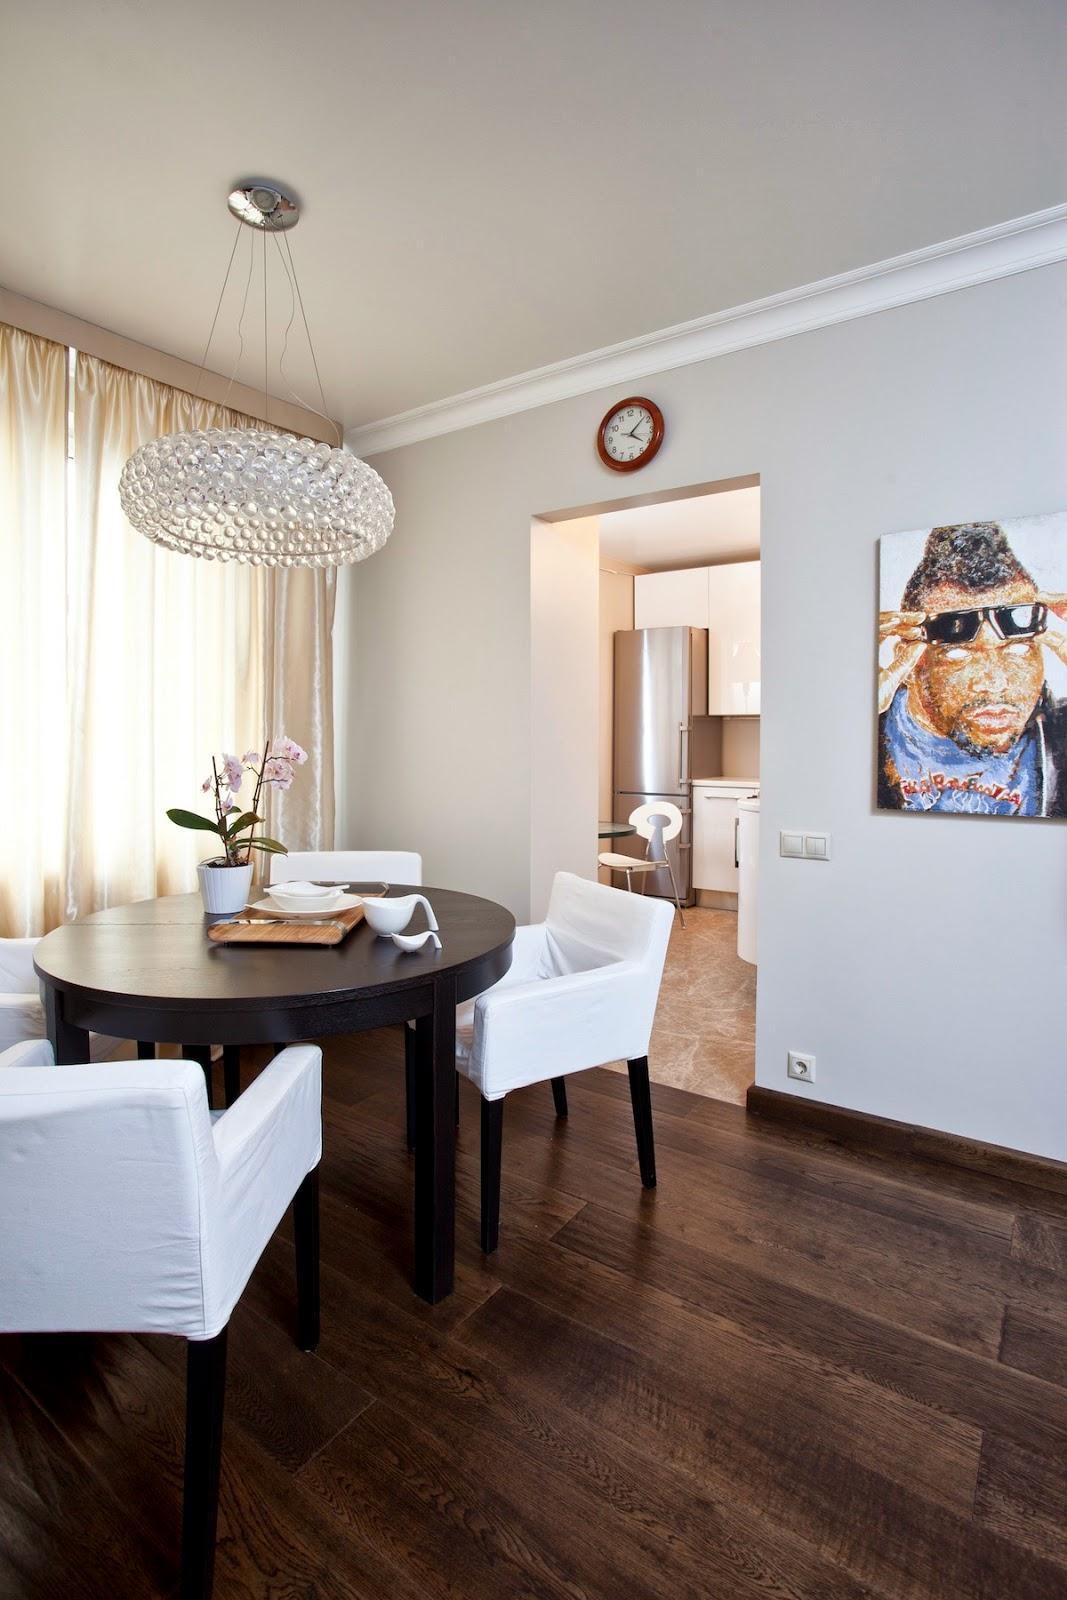 prekrasen-apartament-proektiran-za-biznes-dama-v-rusiq-8g